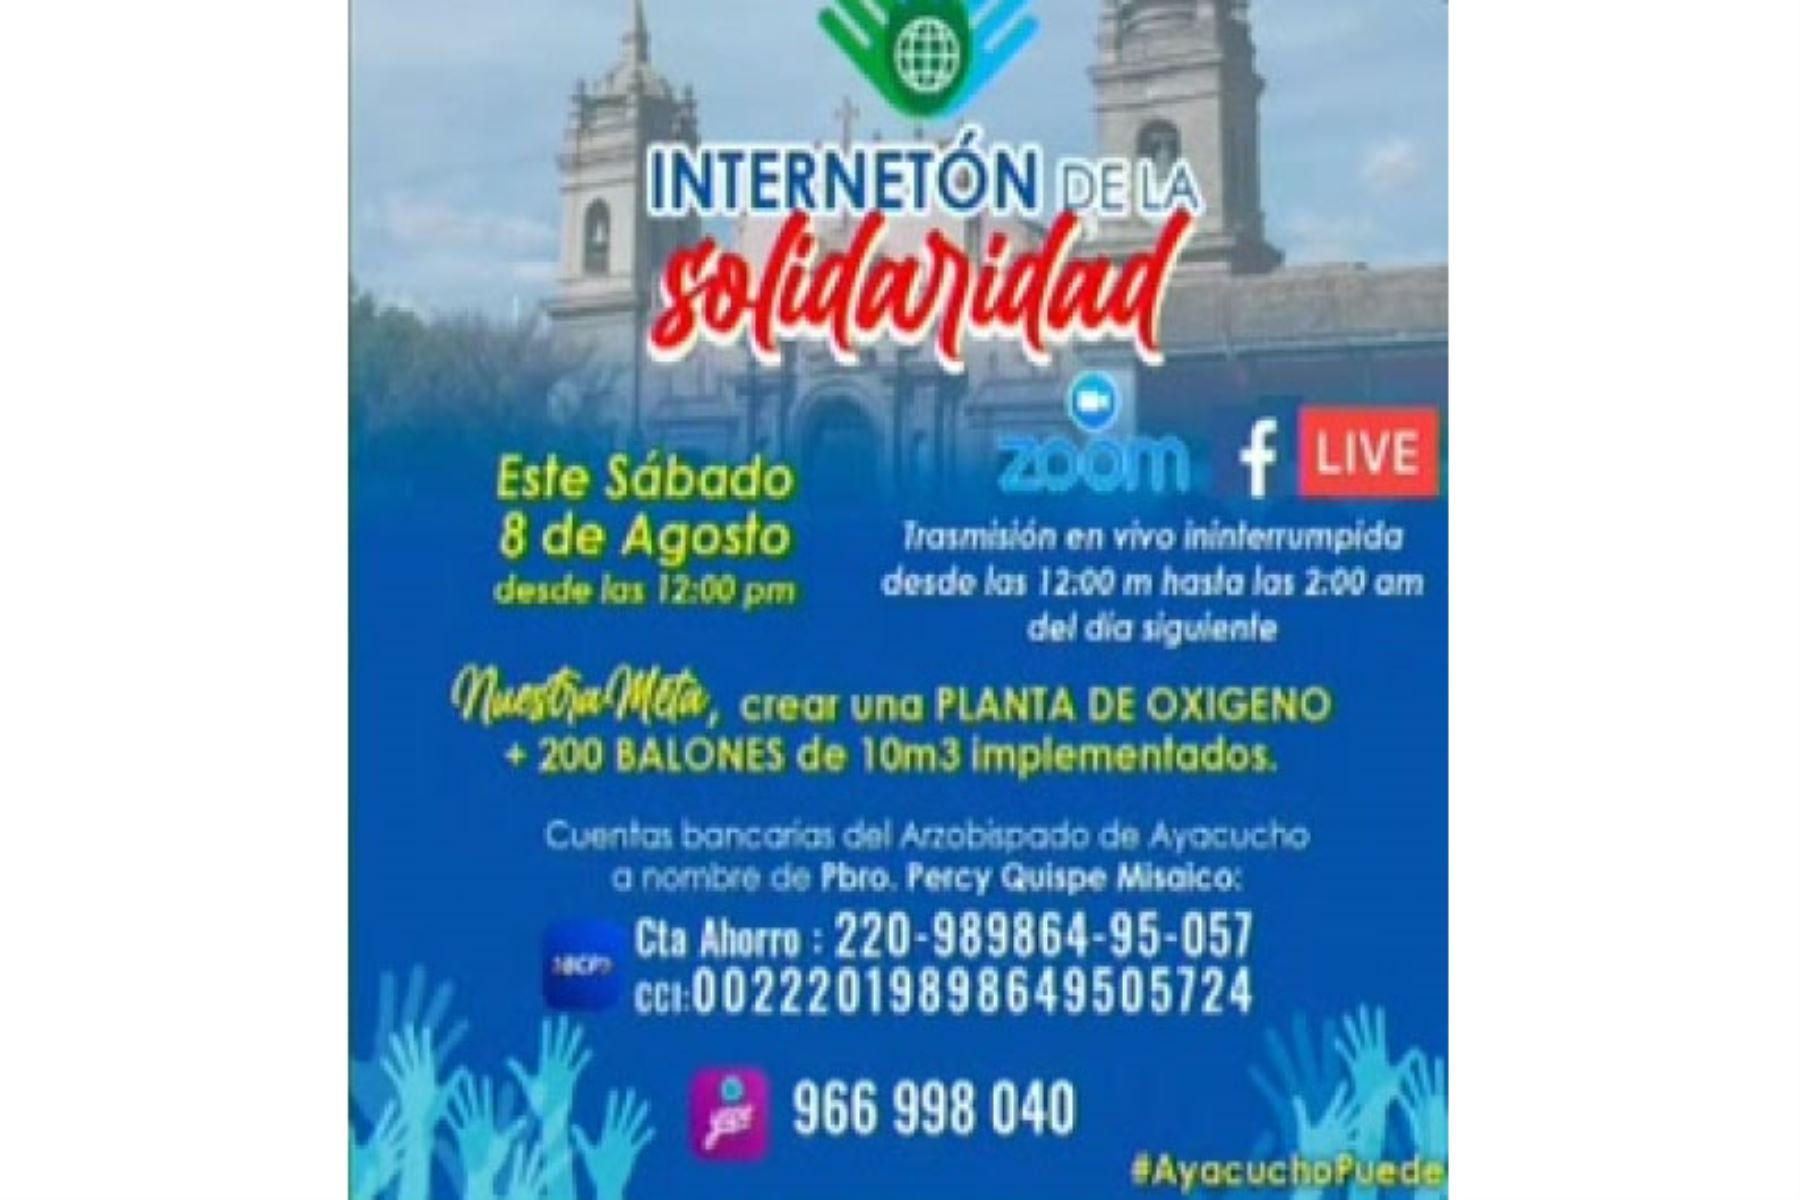 La fecha central de la Internetón de la Solidaridad en Ayacucho se efectuará el sábado 8 de agosto desde el mediodía. Foto: ANDINA/Difusión